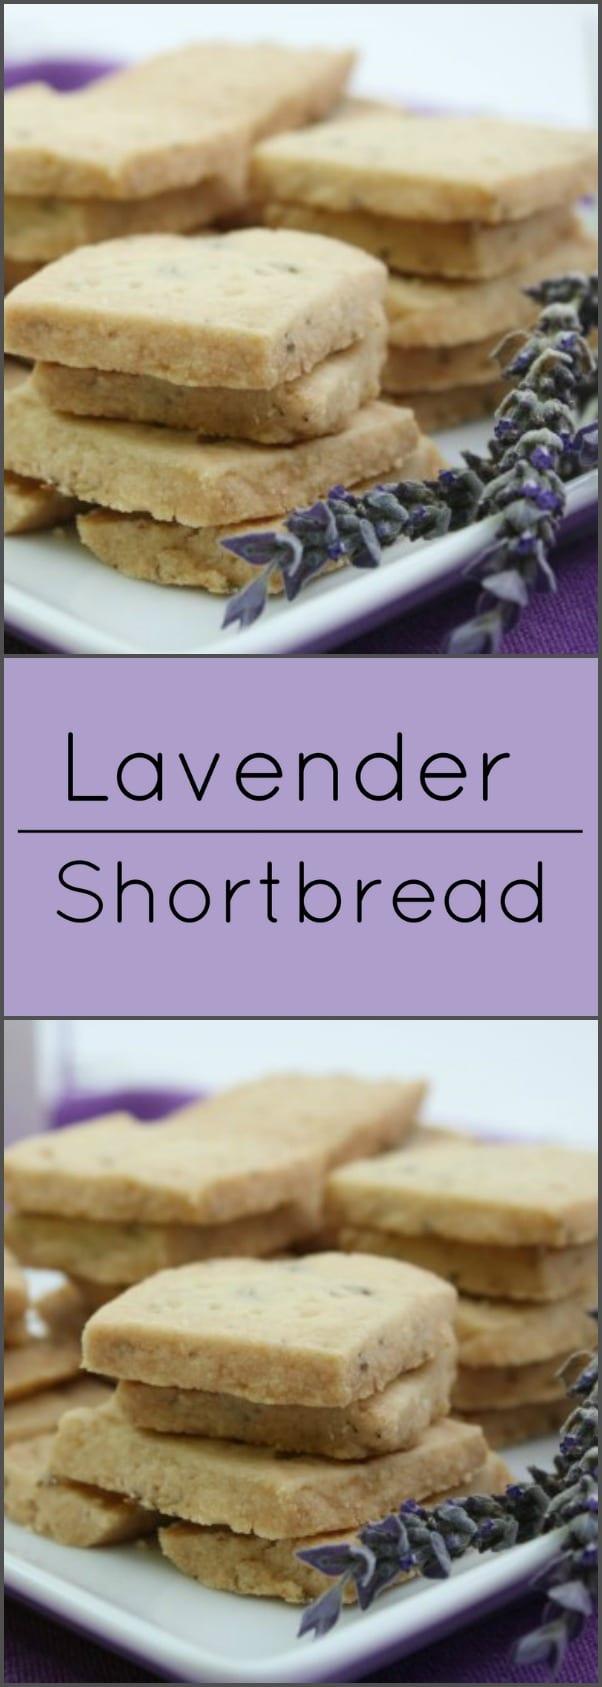 Lavender shortbread has delicate floral overtones.